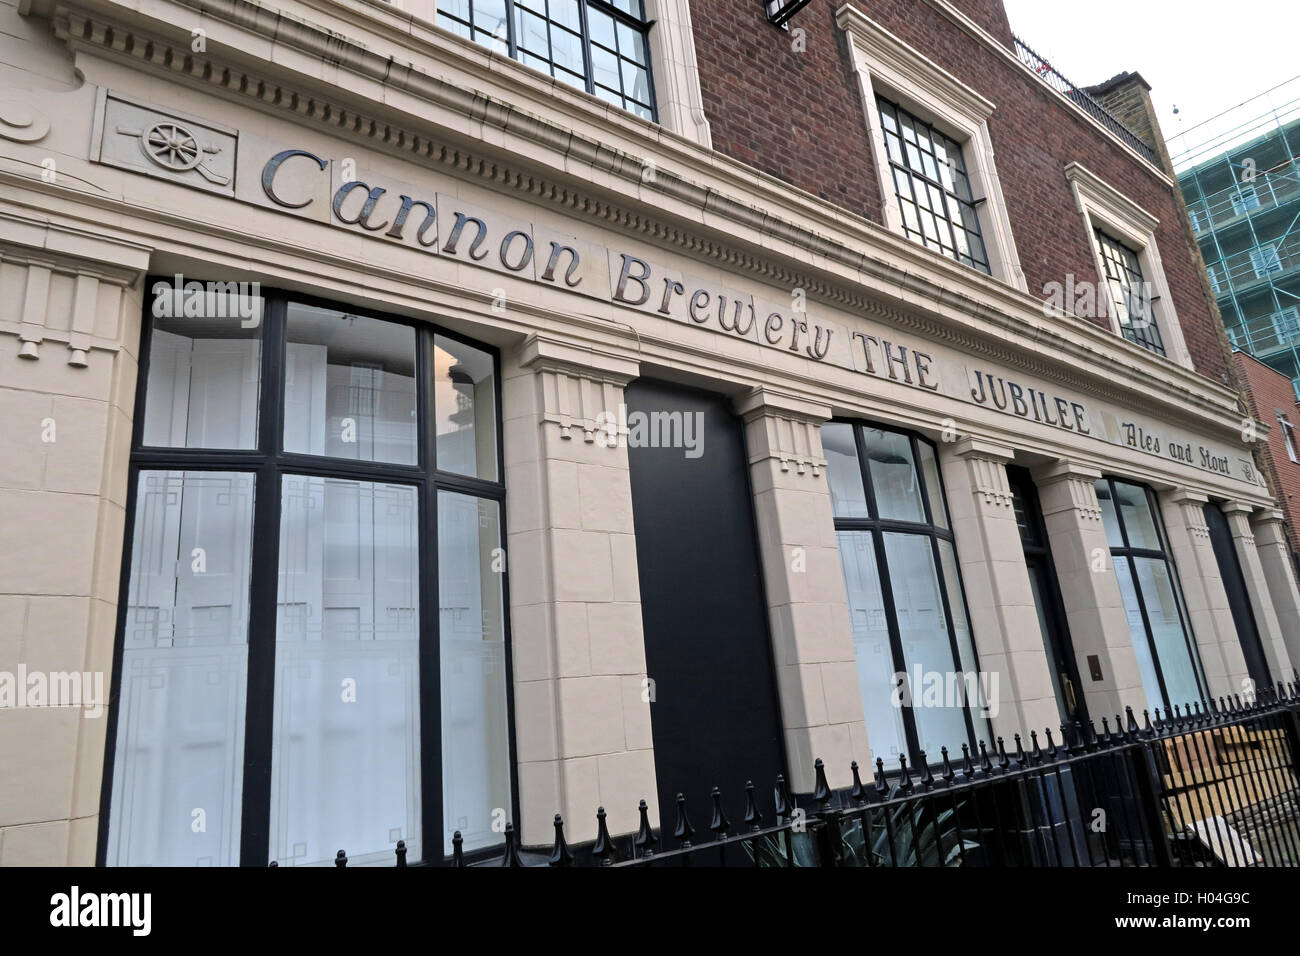 Laden Sie dieses Alamy Stockfoto Die Jubilee Pub, Ales & Stout bauen, Somers Town, Euston, Camden, London - H04G9C